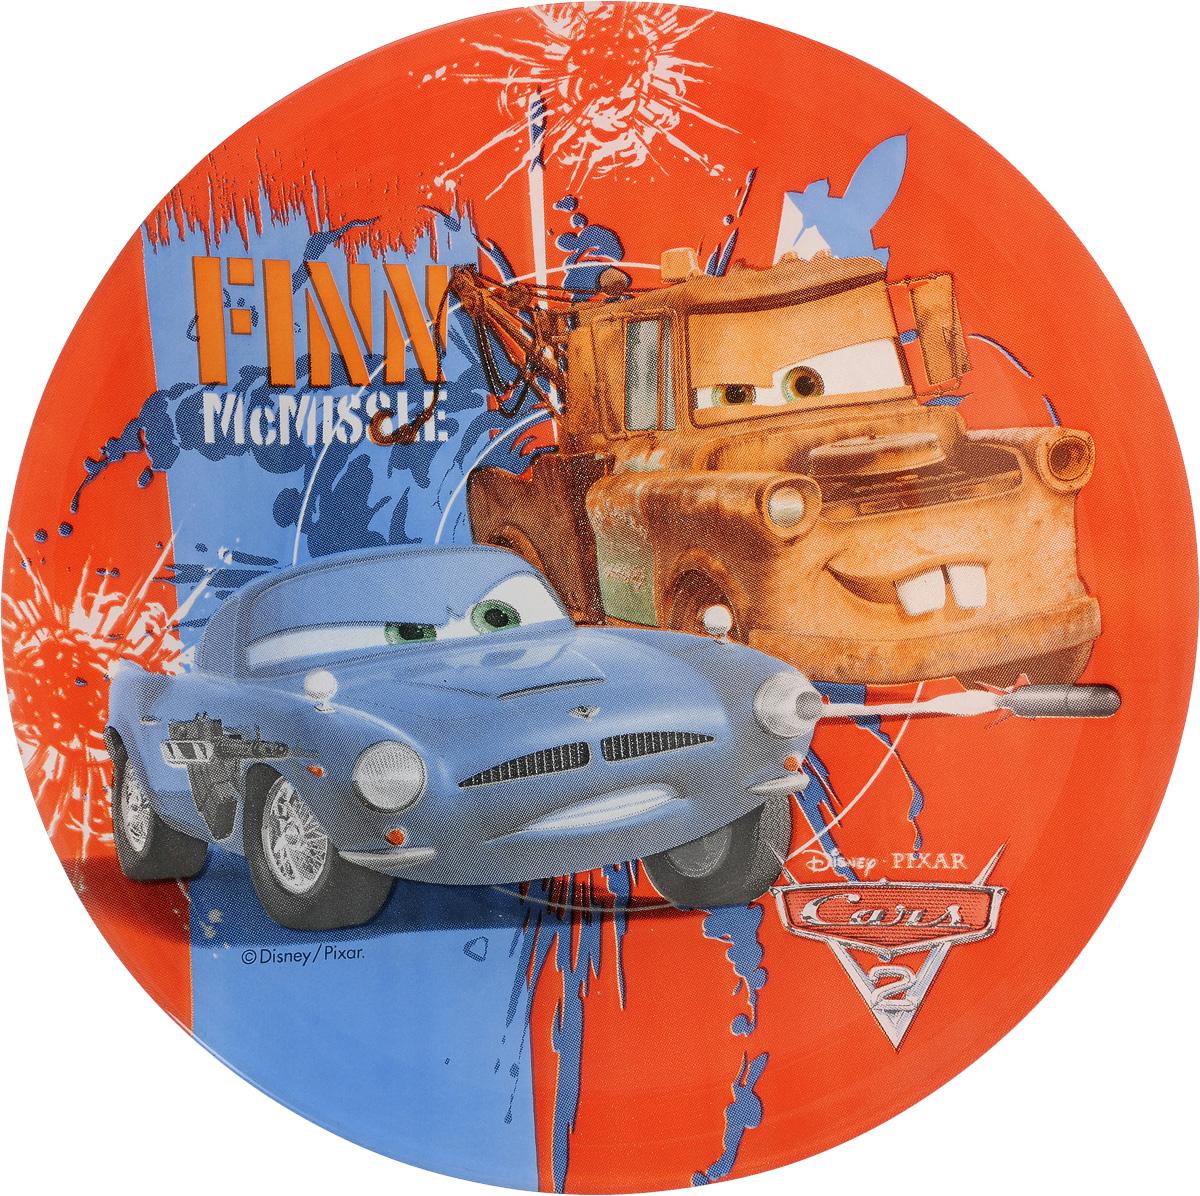 Тарелка десертная Luminarc Disney Cars 2, диаметр 19,5 смL2129Десертная тарелка Luminarc Disney Cars 2, изготовленная из ударопрочного стекла, имеет приятный внешний вид. Такая тарелка обязательно понравится вашему ребенку. Идеальна для подачи десертов, пирожных, тортов и многого другого. Она прекрасно оформит стол и станет отличным дополнением к вашей коллекции кухонной посуды. Диаметр тарелки (по верхнему краю): 19,5 см. Высота тарелки: 1,5 см.